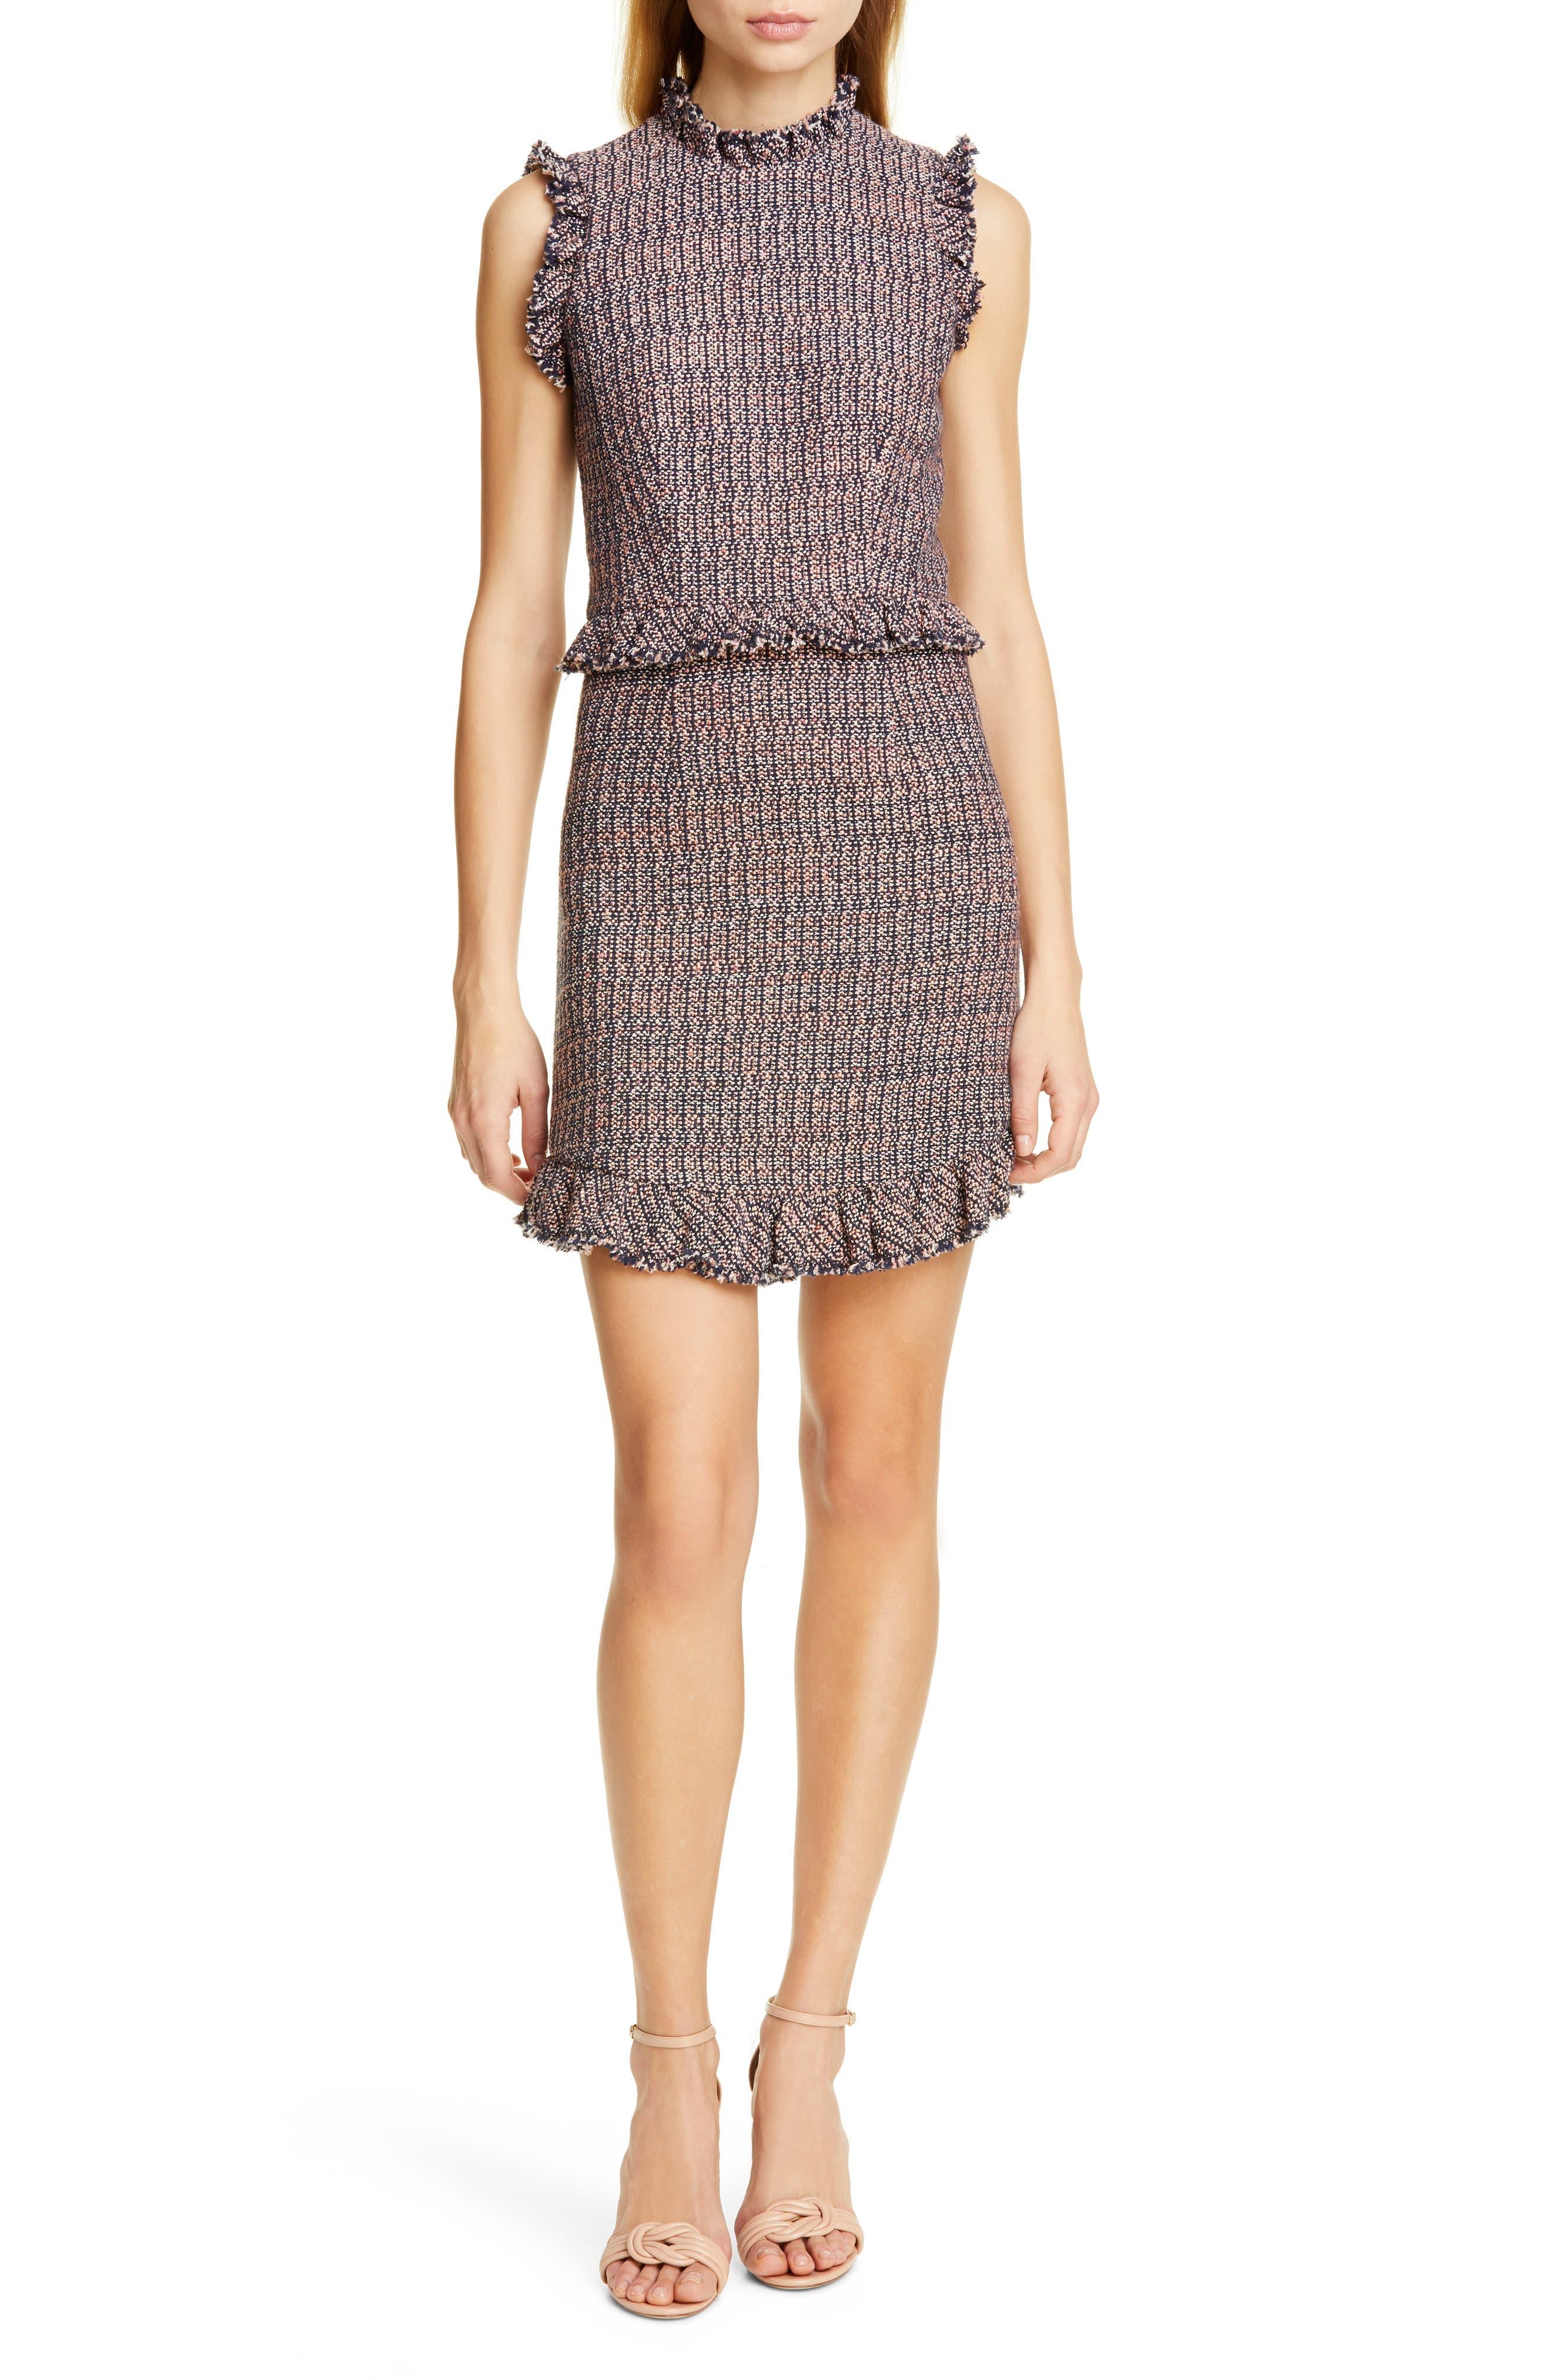 REBECCA TAYLOR, Frayed Ruffle Tweed Dress, Main thumbnail 1, color, PINK/ NAVY COMBO